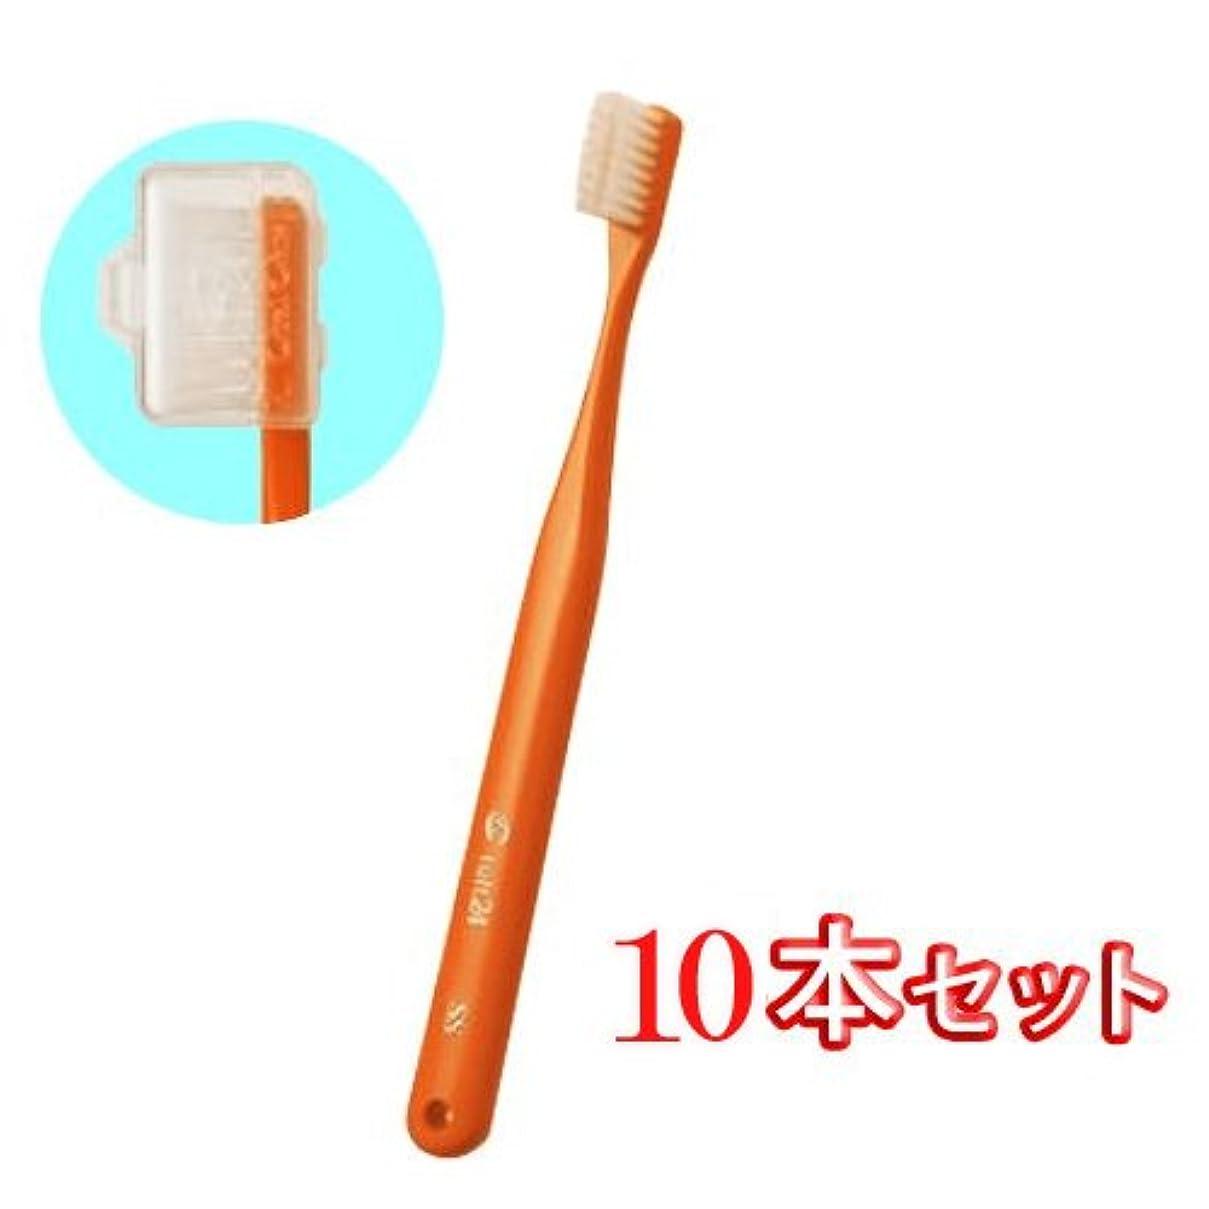 状許さないブロンズオーラルケア キャップ付き タフト 24 歯ブラシ スーパーソフト 10本 (オレンジ)